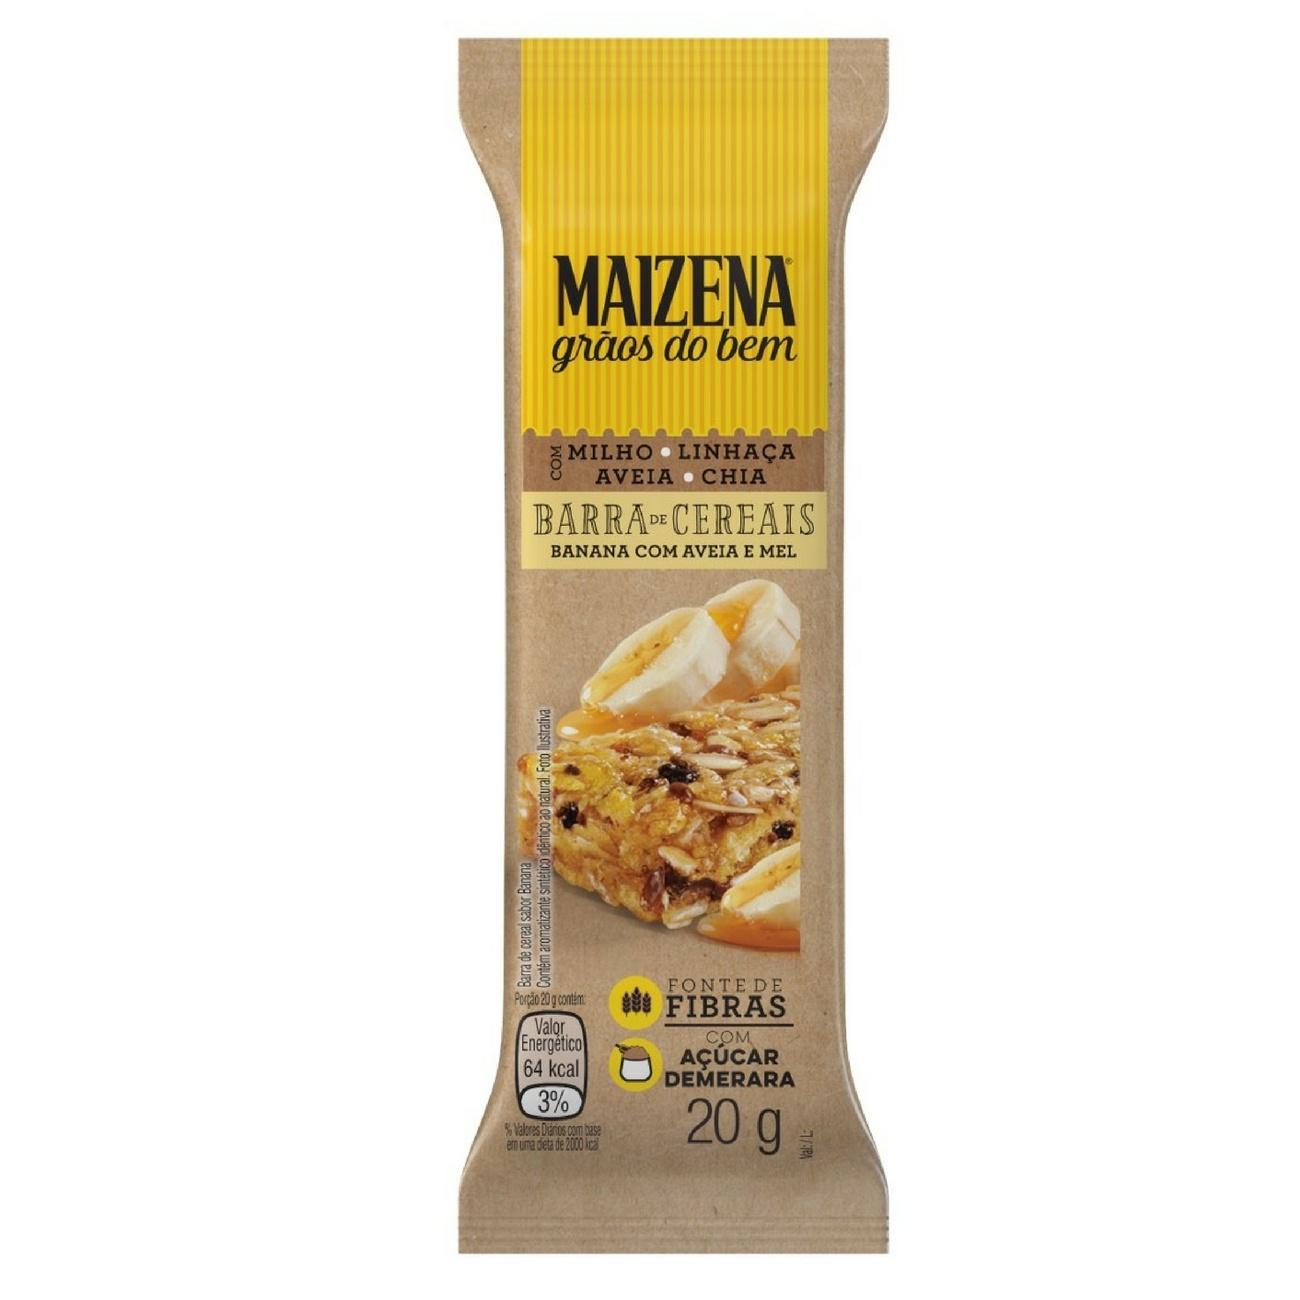 Barra de Cereais Maizena Gr�os do Bem Banana com Aveia e Mel 20g